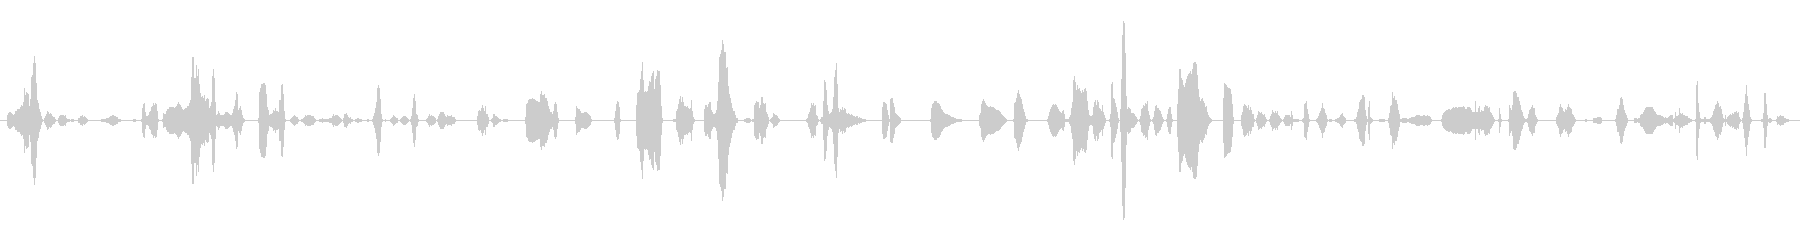 鳴き声 女性のワイン01の未再生の波形